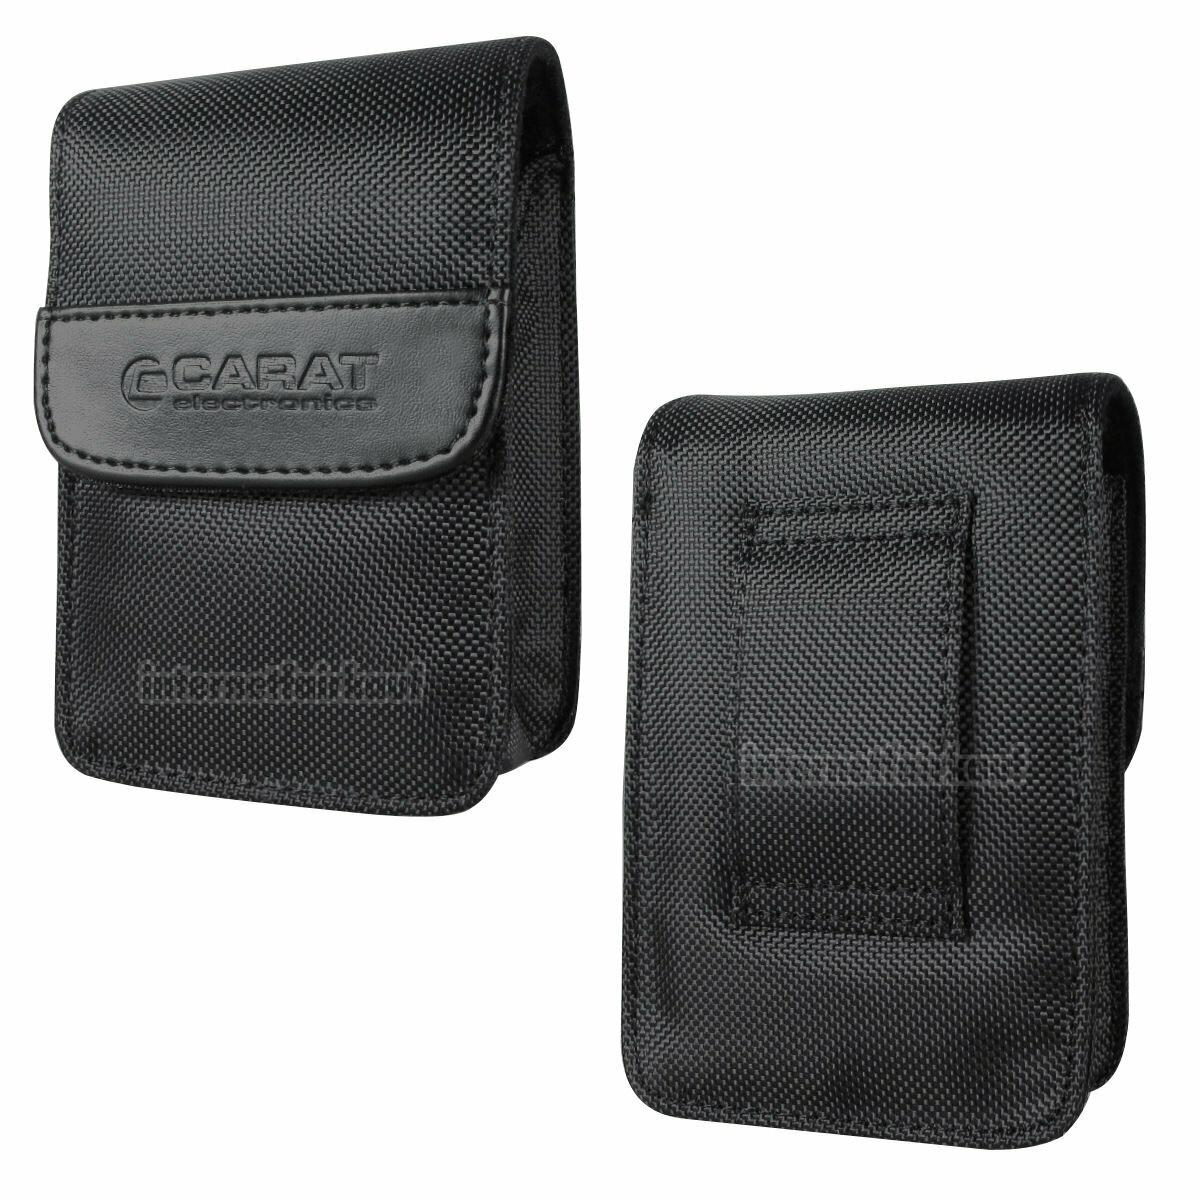 Tasche Kameratasche passend für Nikon Coolpix S9500 S9400 - Etui